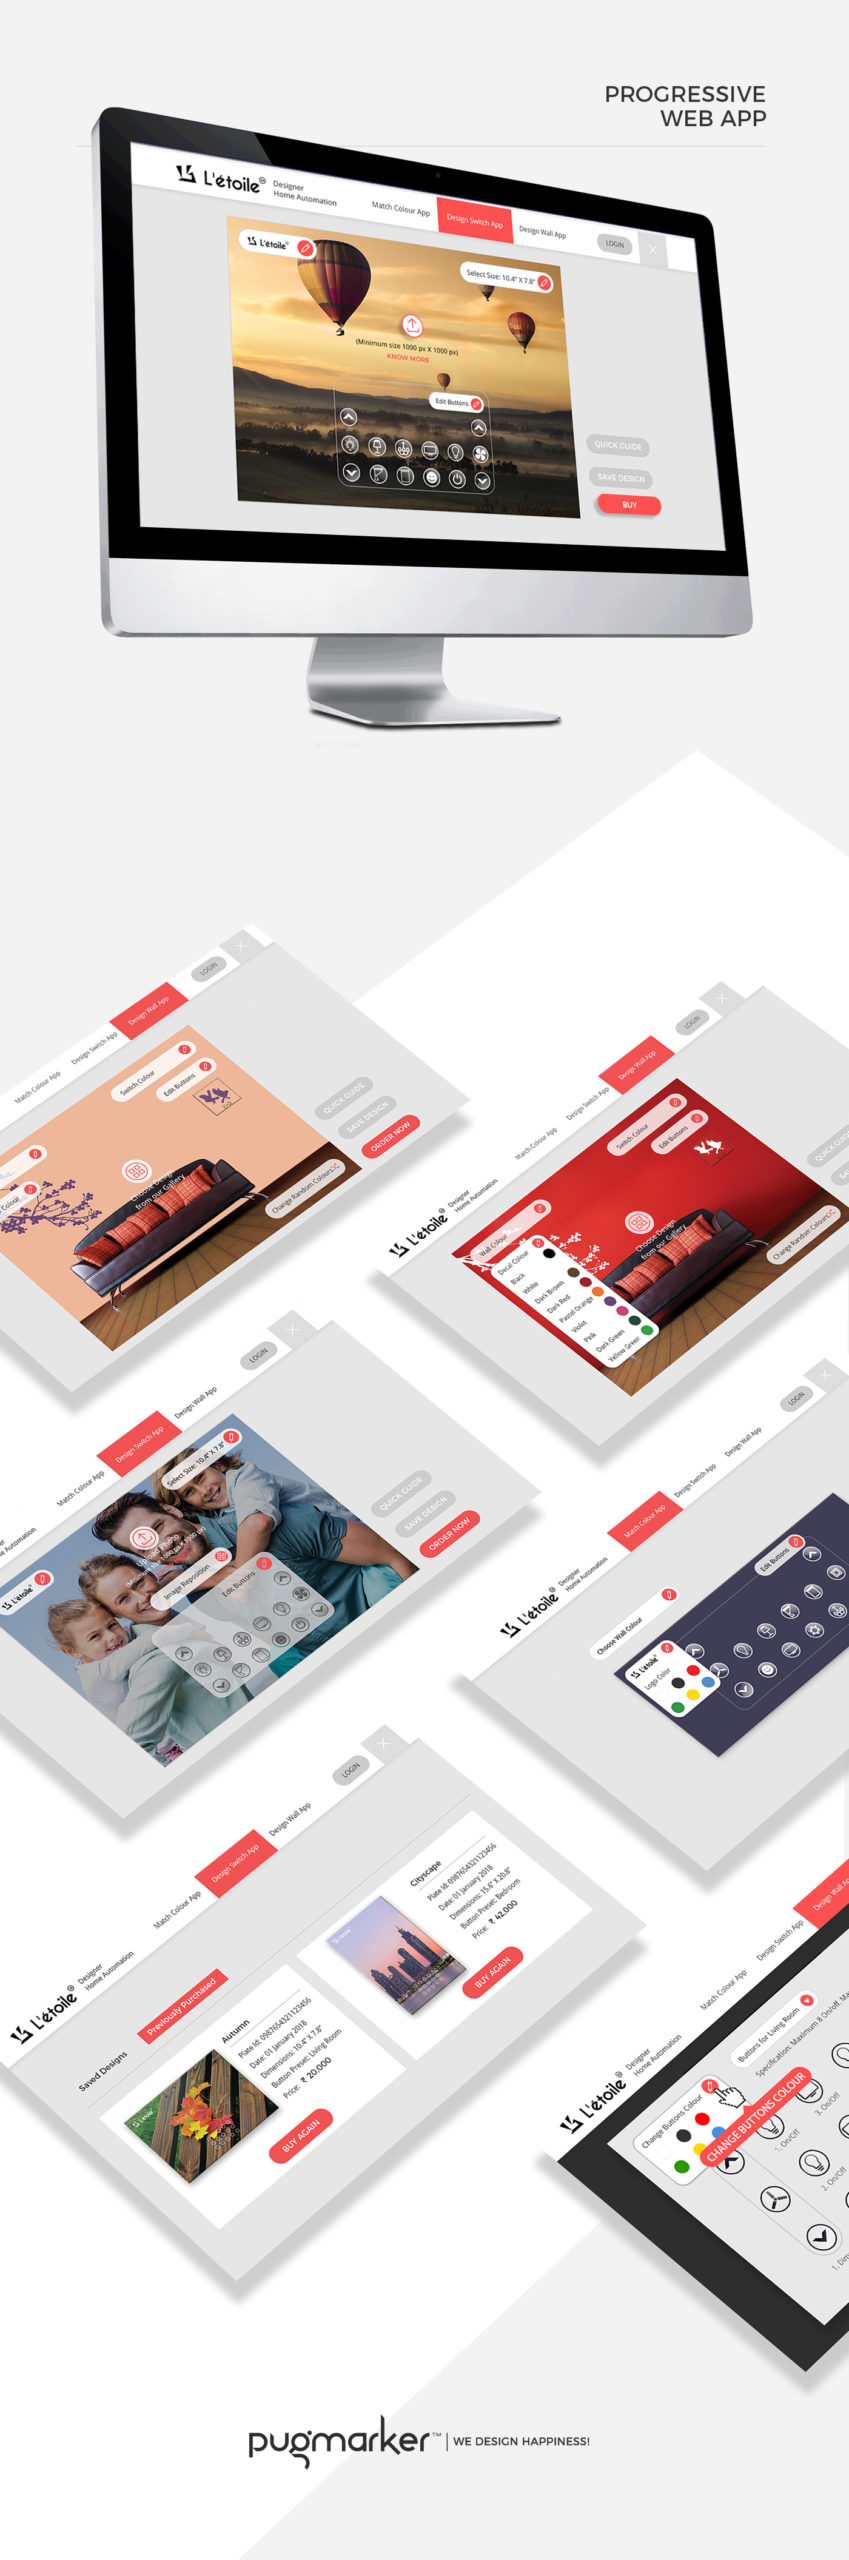 Letoile progressive web app